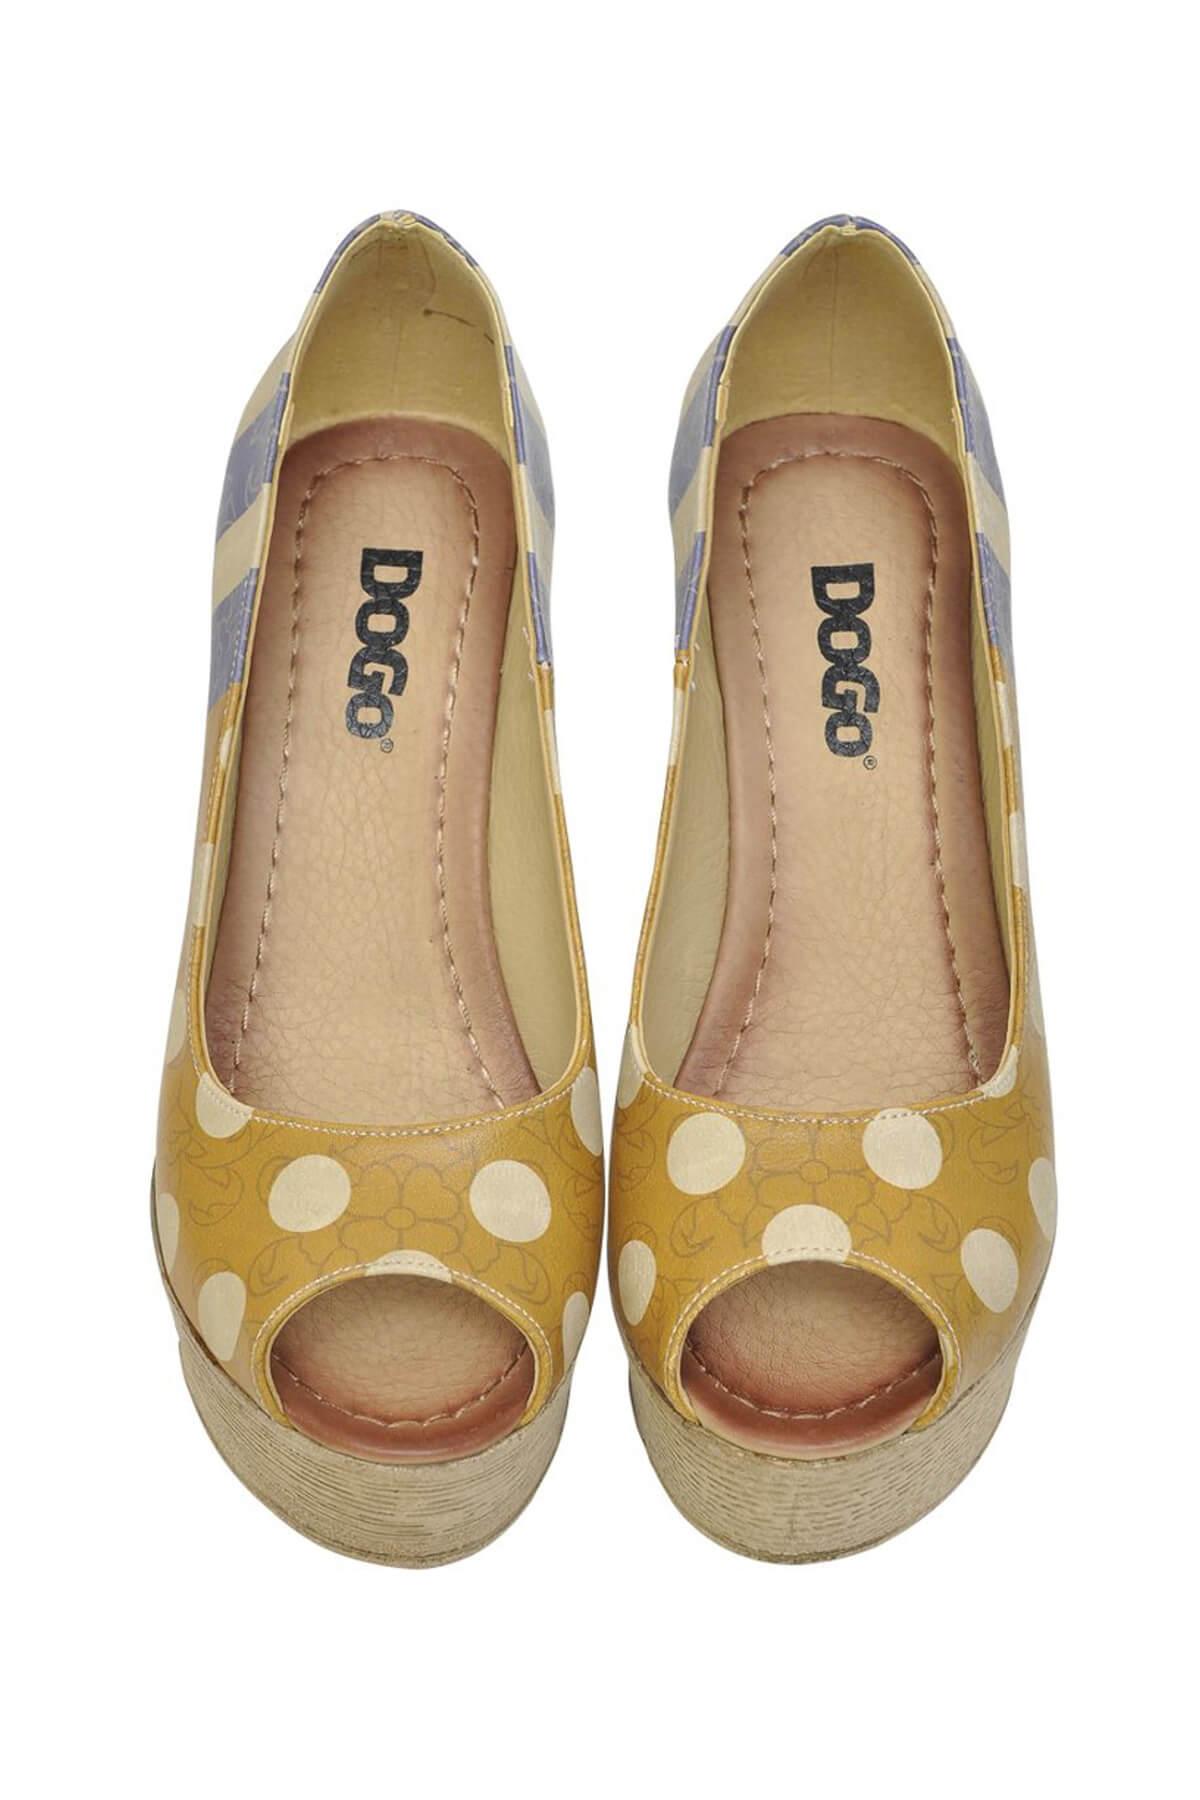 Dogo Multi Kadın Dolgu Topuklu Ayakkabı DGS017-MGD004 1